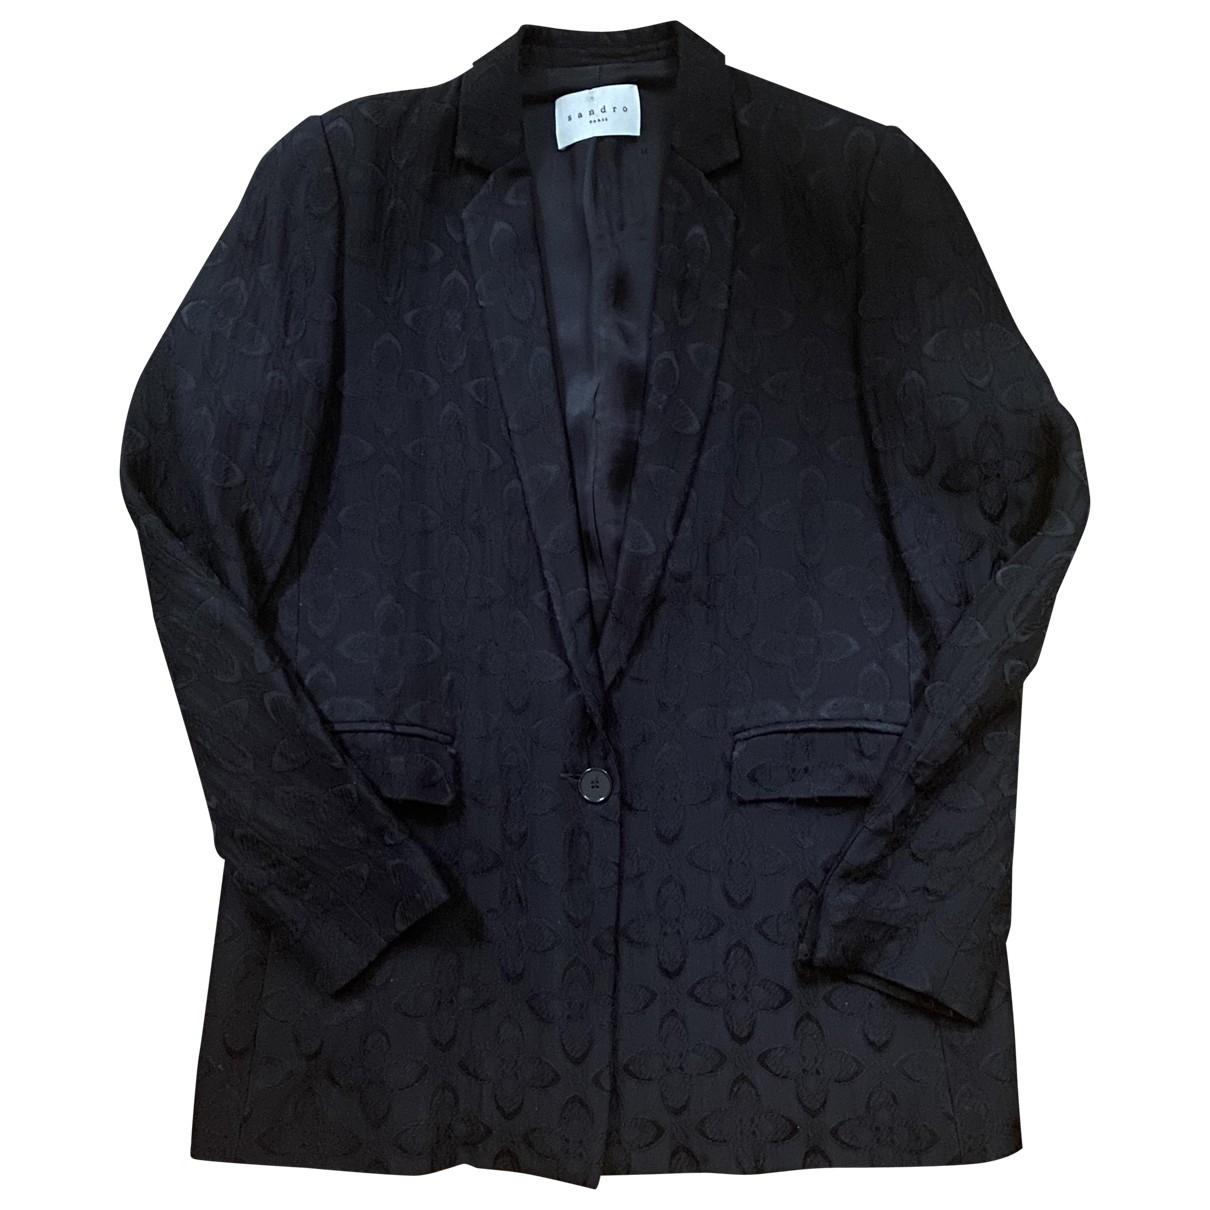 Sandro \N Black jacket for Women 36 FR